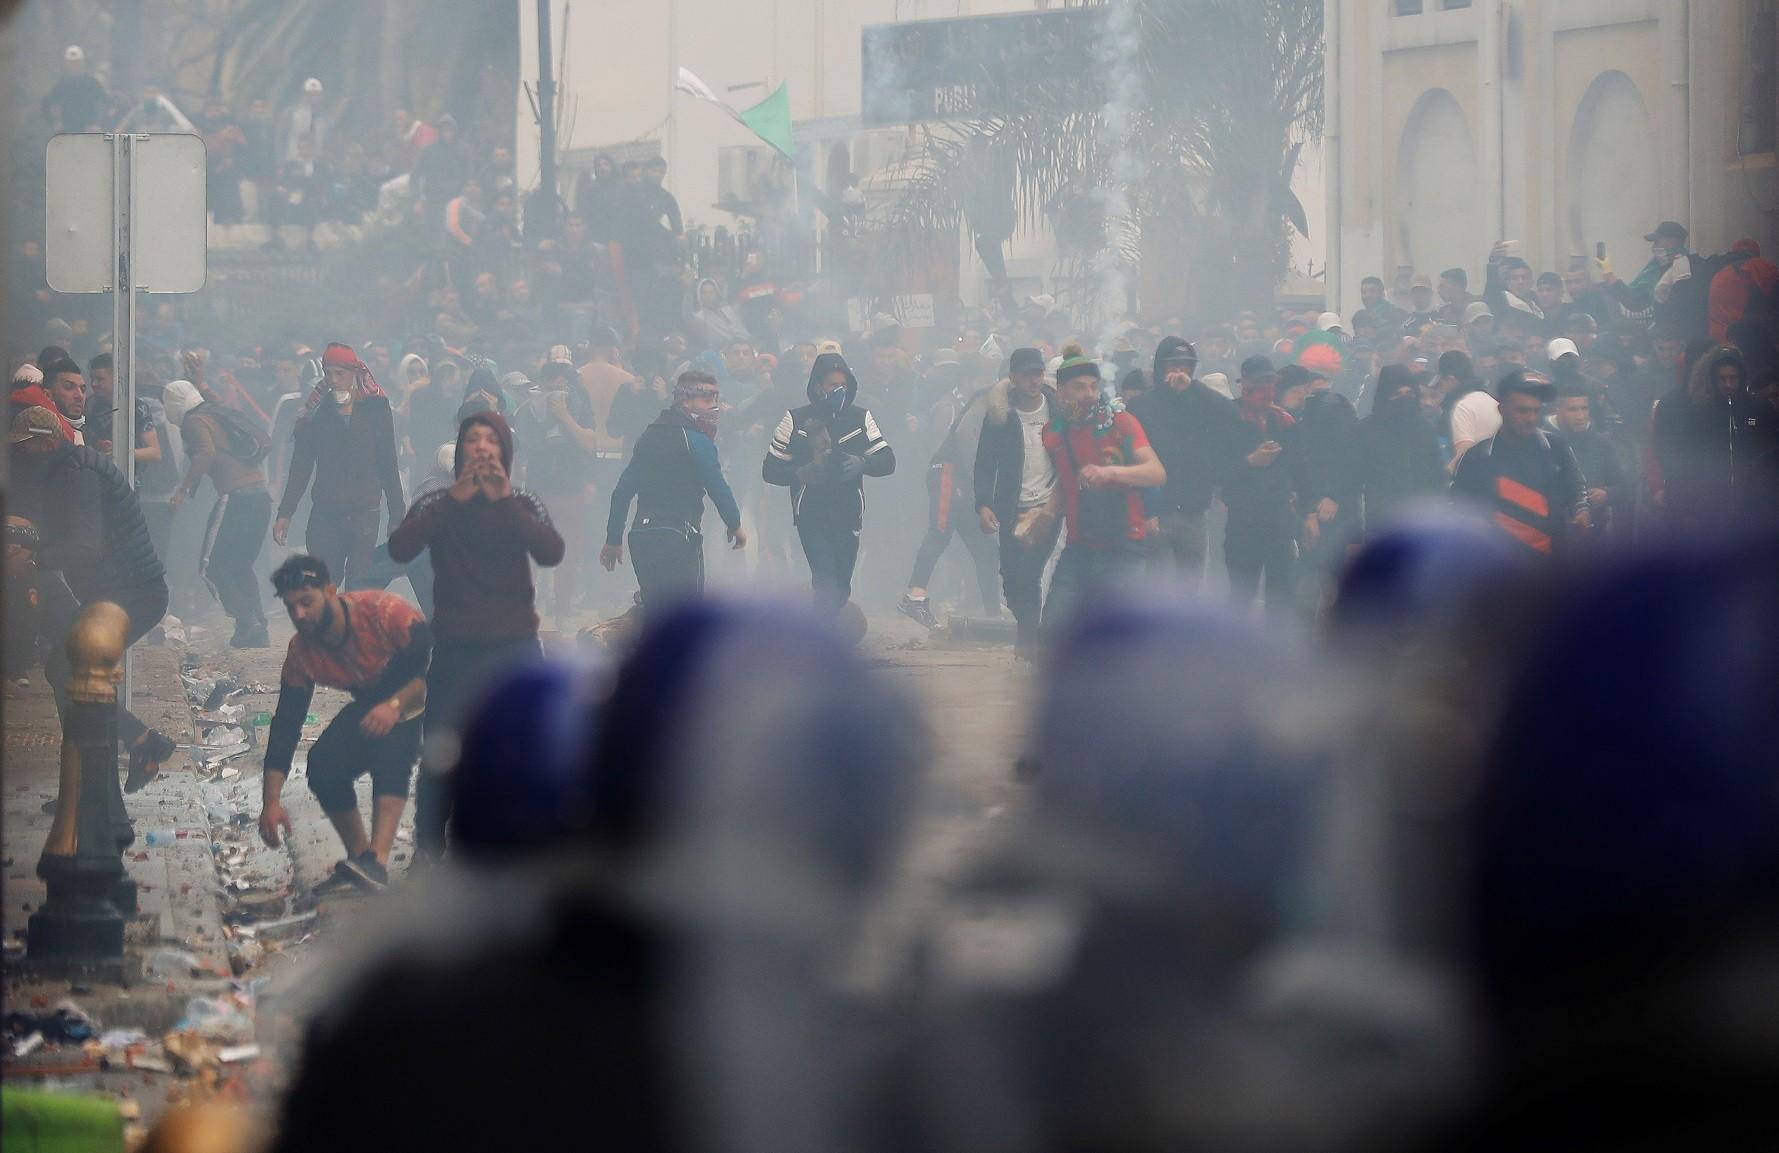 2019-03-08T174502Z_1250569563_RC1C206C3A40_RTRMADP_3_ALGERIA-PROTESTS.jpg